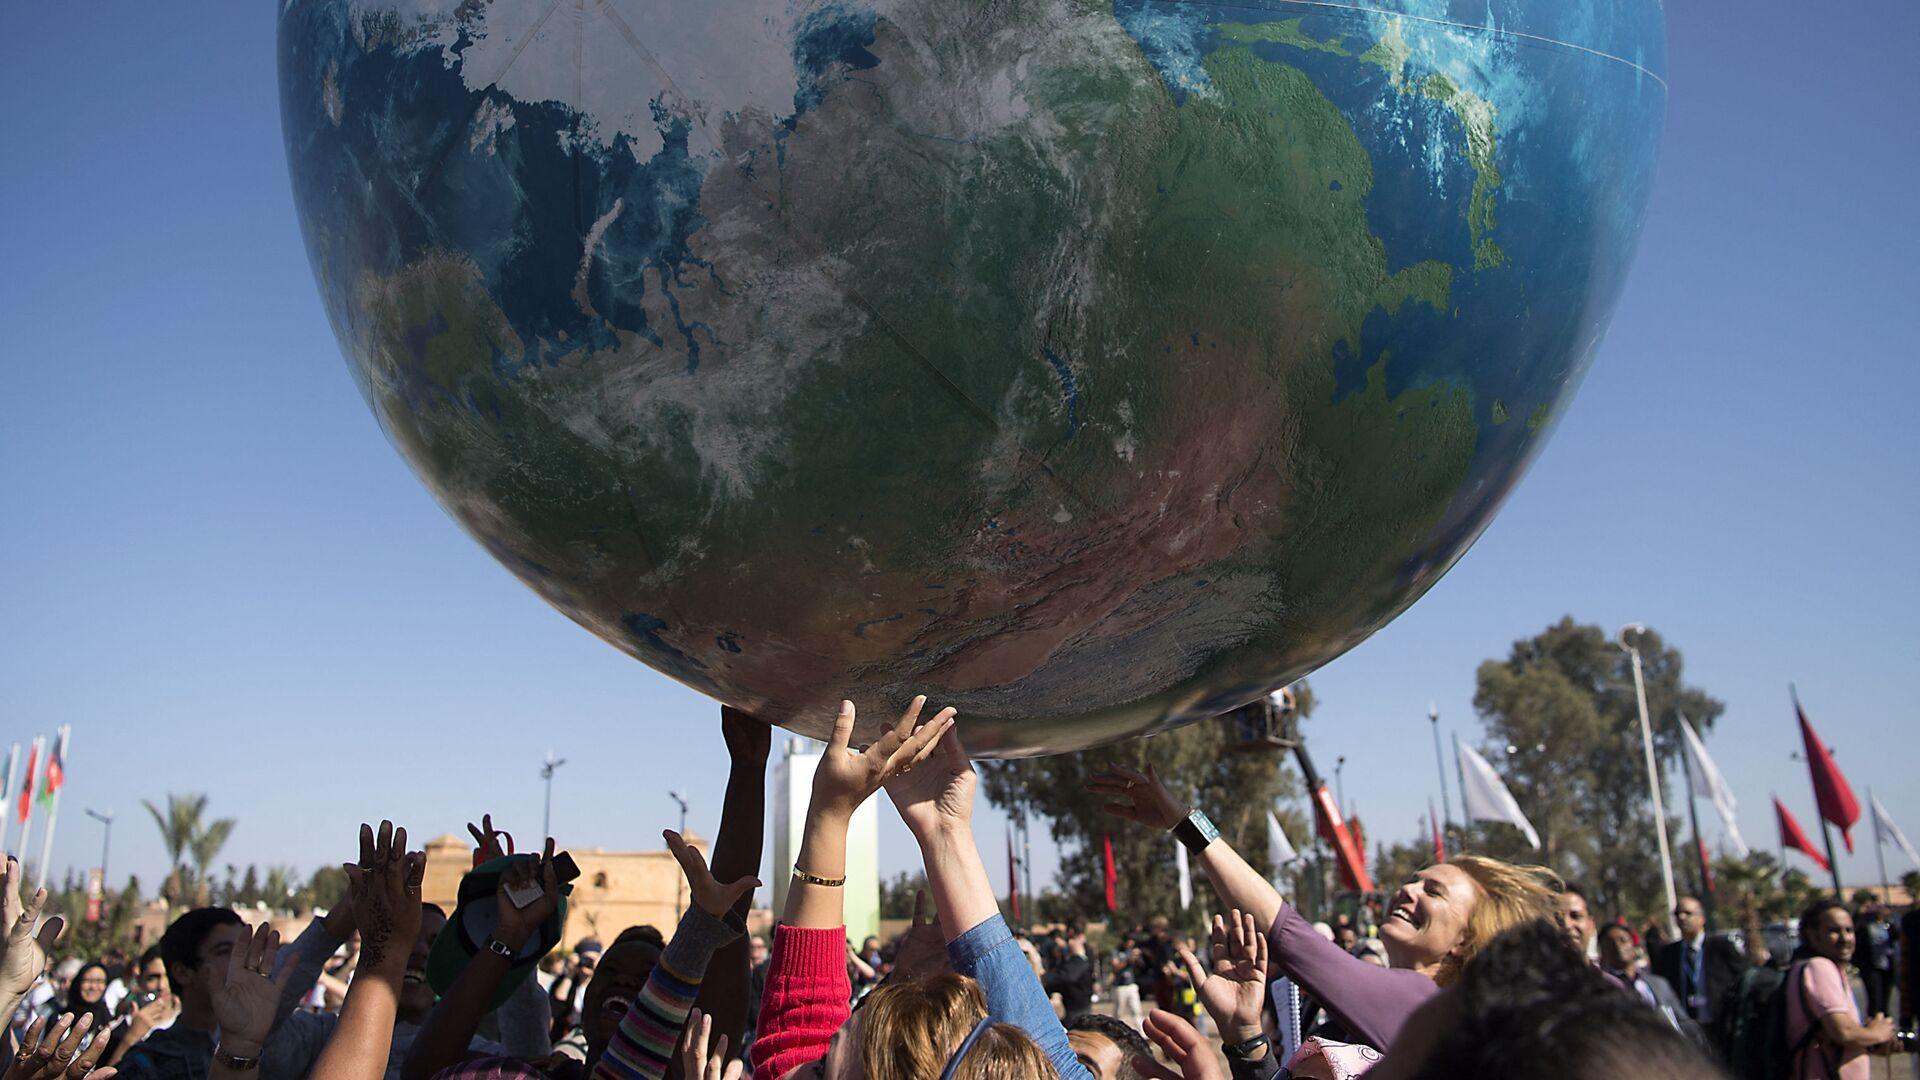 Члены всемирной конференции ООН по вопросам изменения климата с макетом Земли - Sputnik Italia, 1920, 06.06.2021